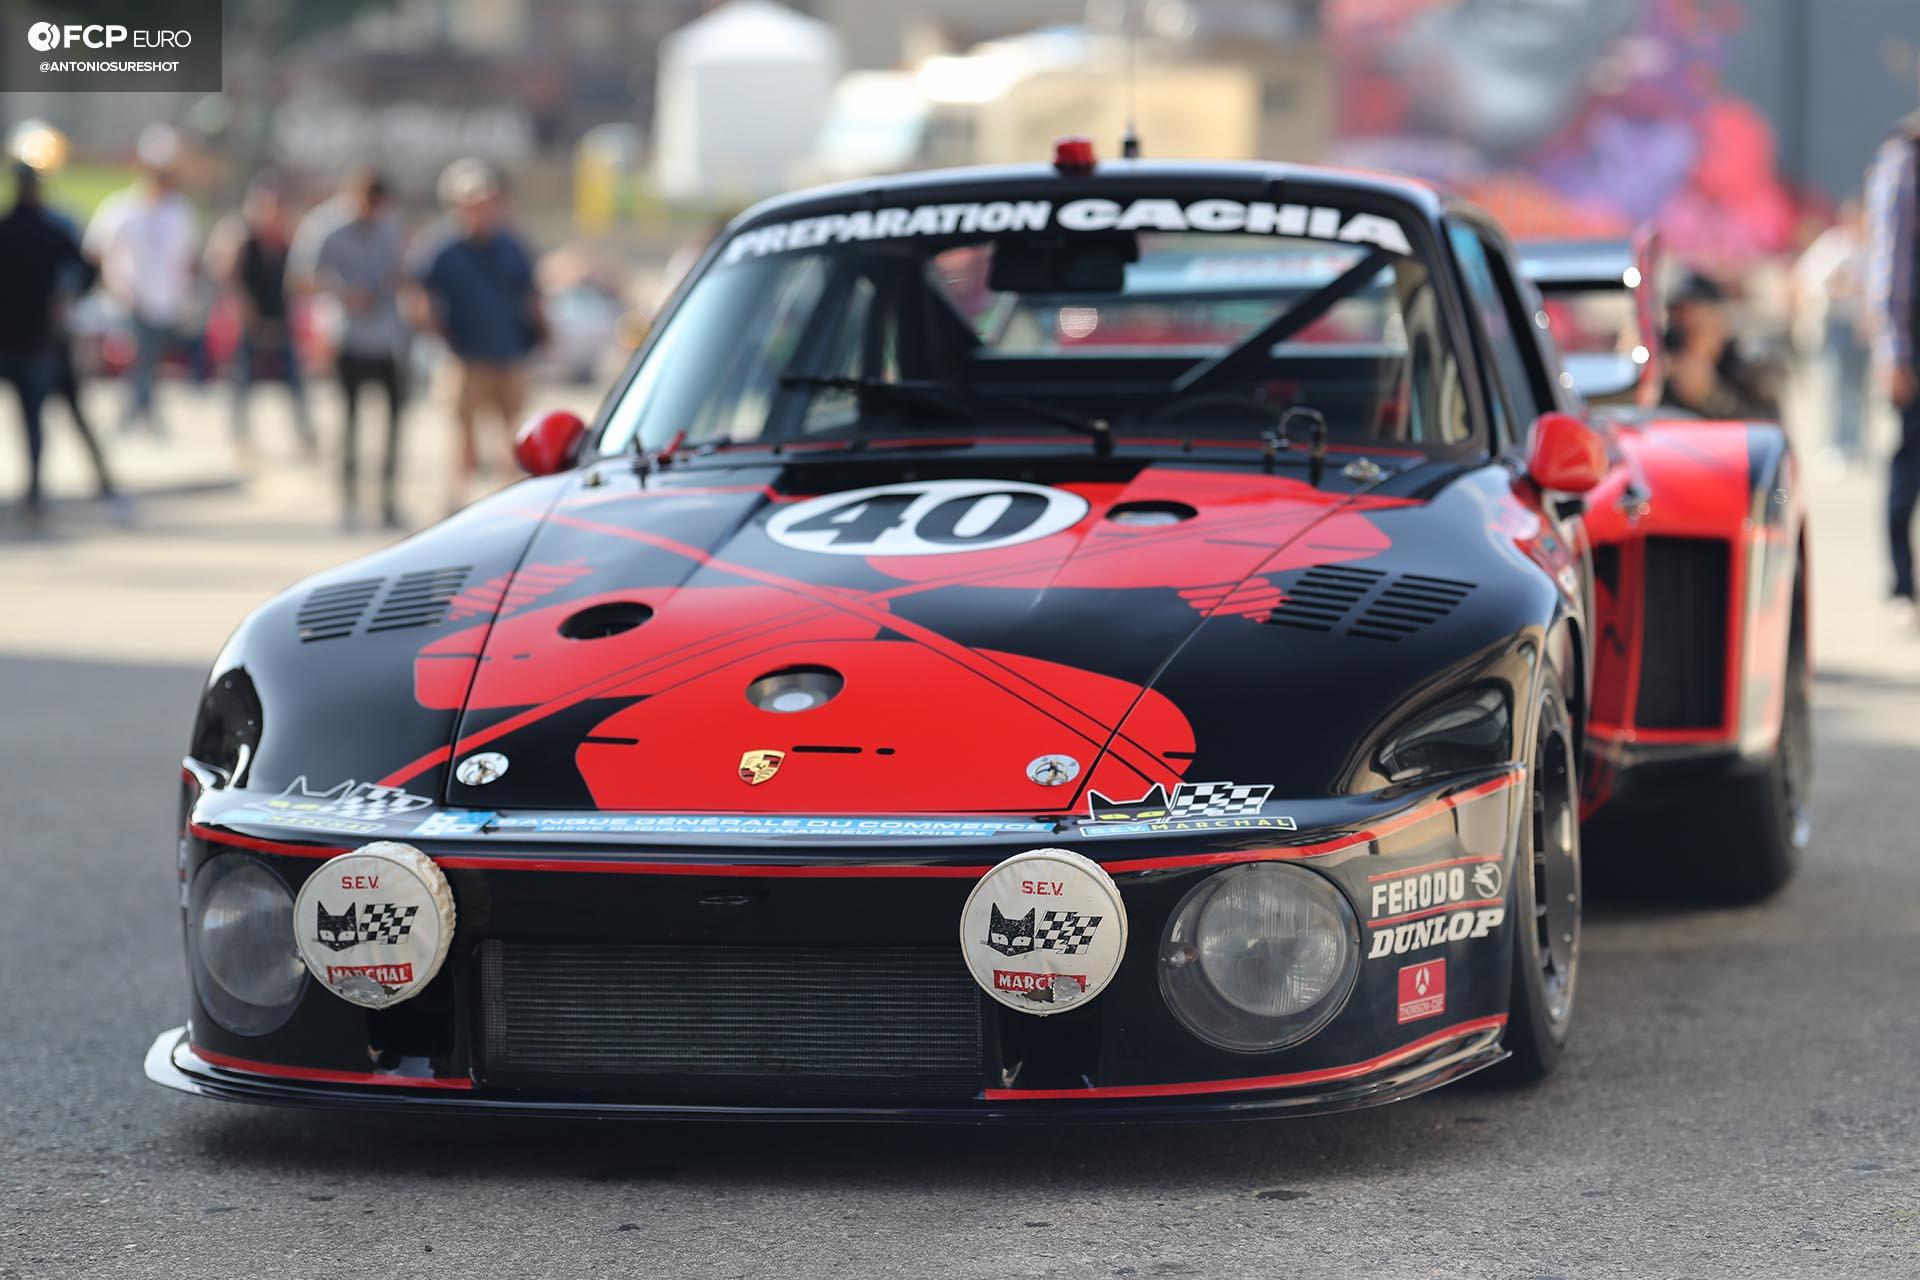 Porsche 935 Turbo 1979 Luftgekuhlt 1920wm.jpg